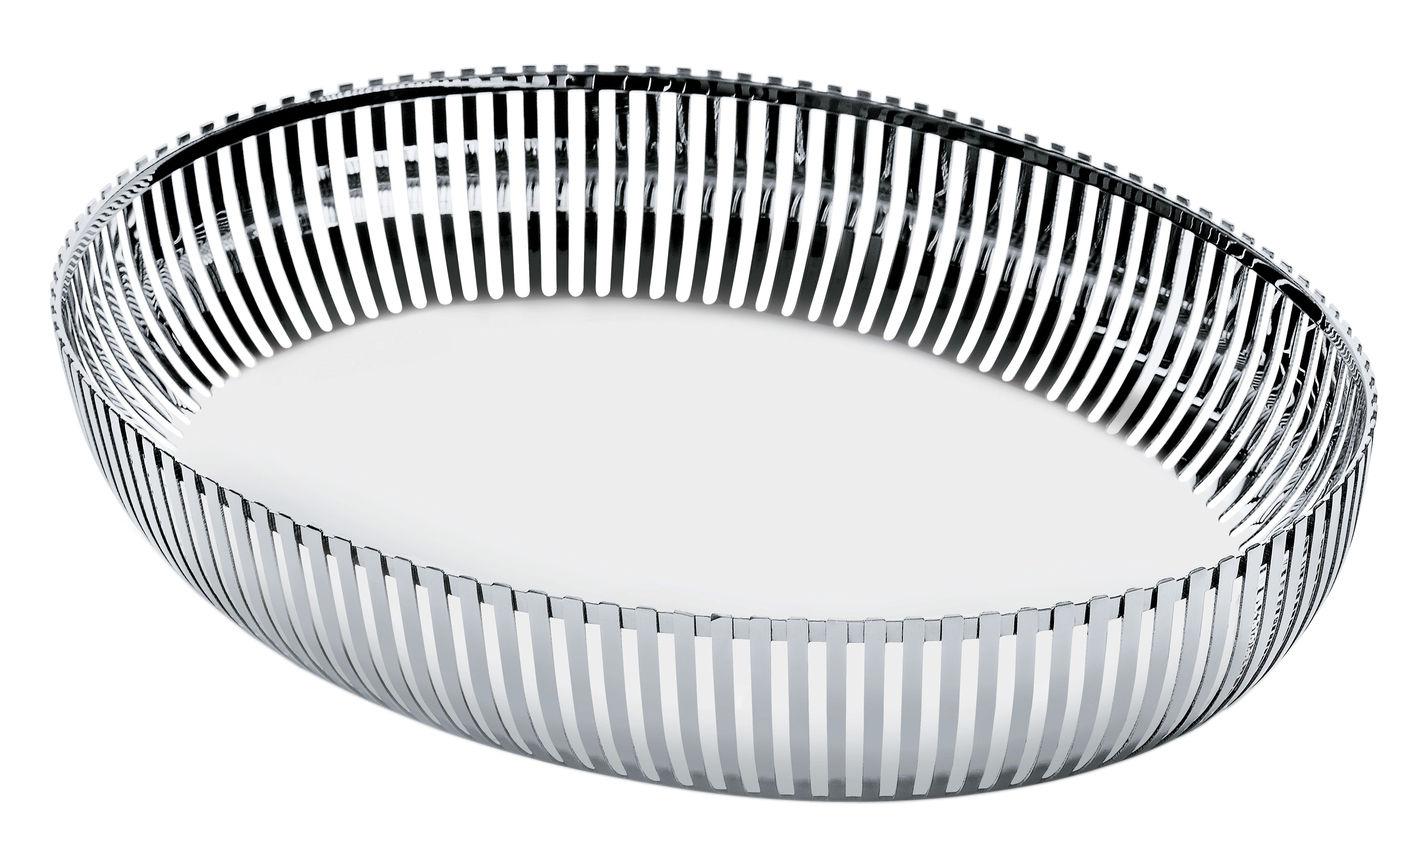 Tavola - Cesti, Fruttiere e Centrotavola - Cesto PCH06 par Pierre Charpin - / Ovale 26x20 cm di Alessi - Acciaio - Acciaio inossidabile